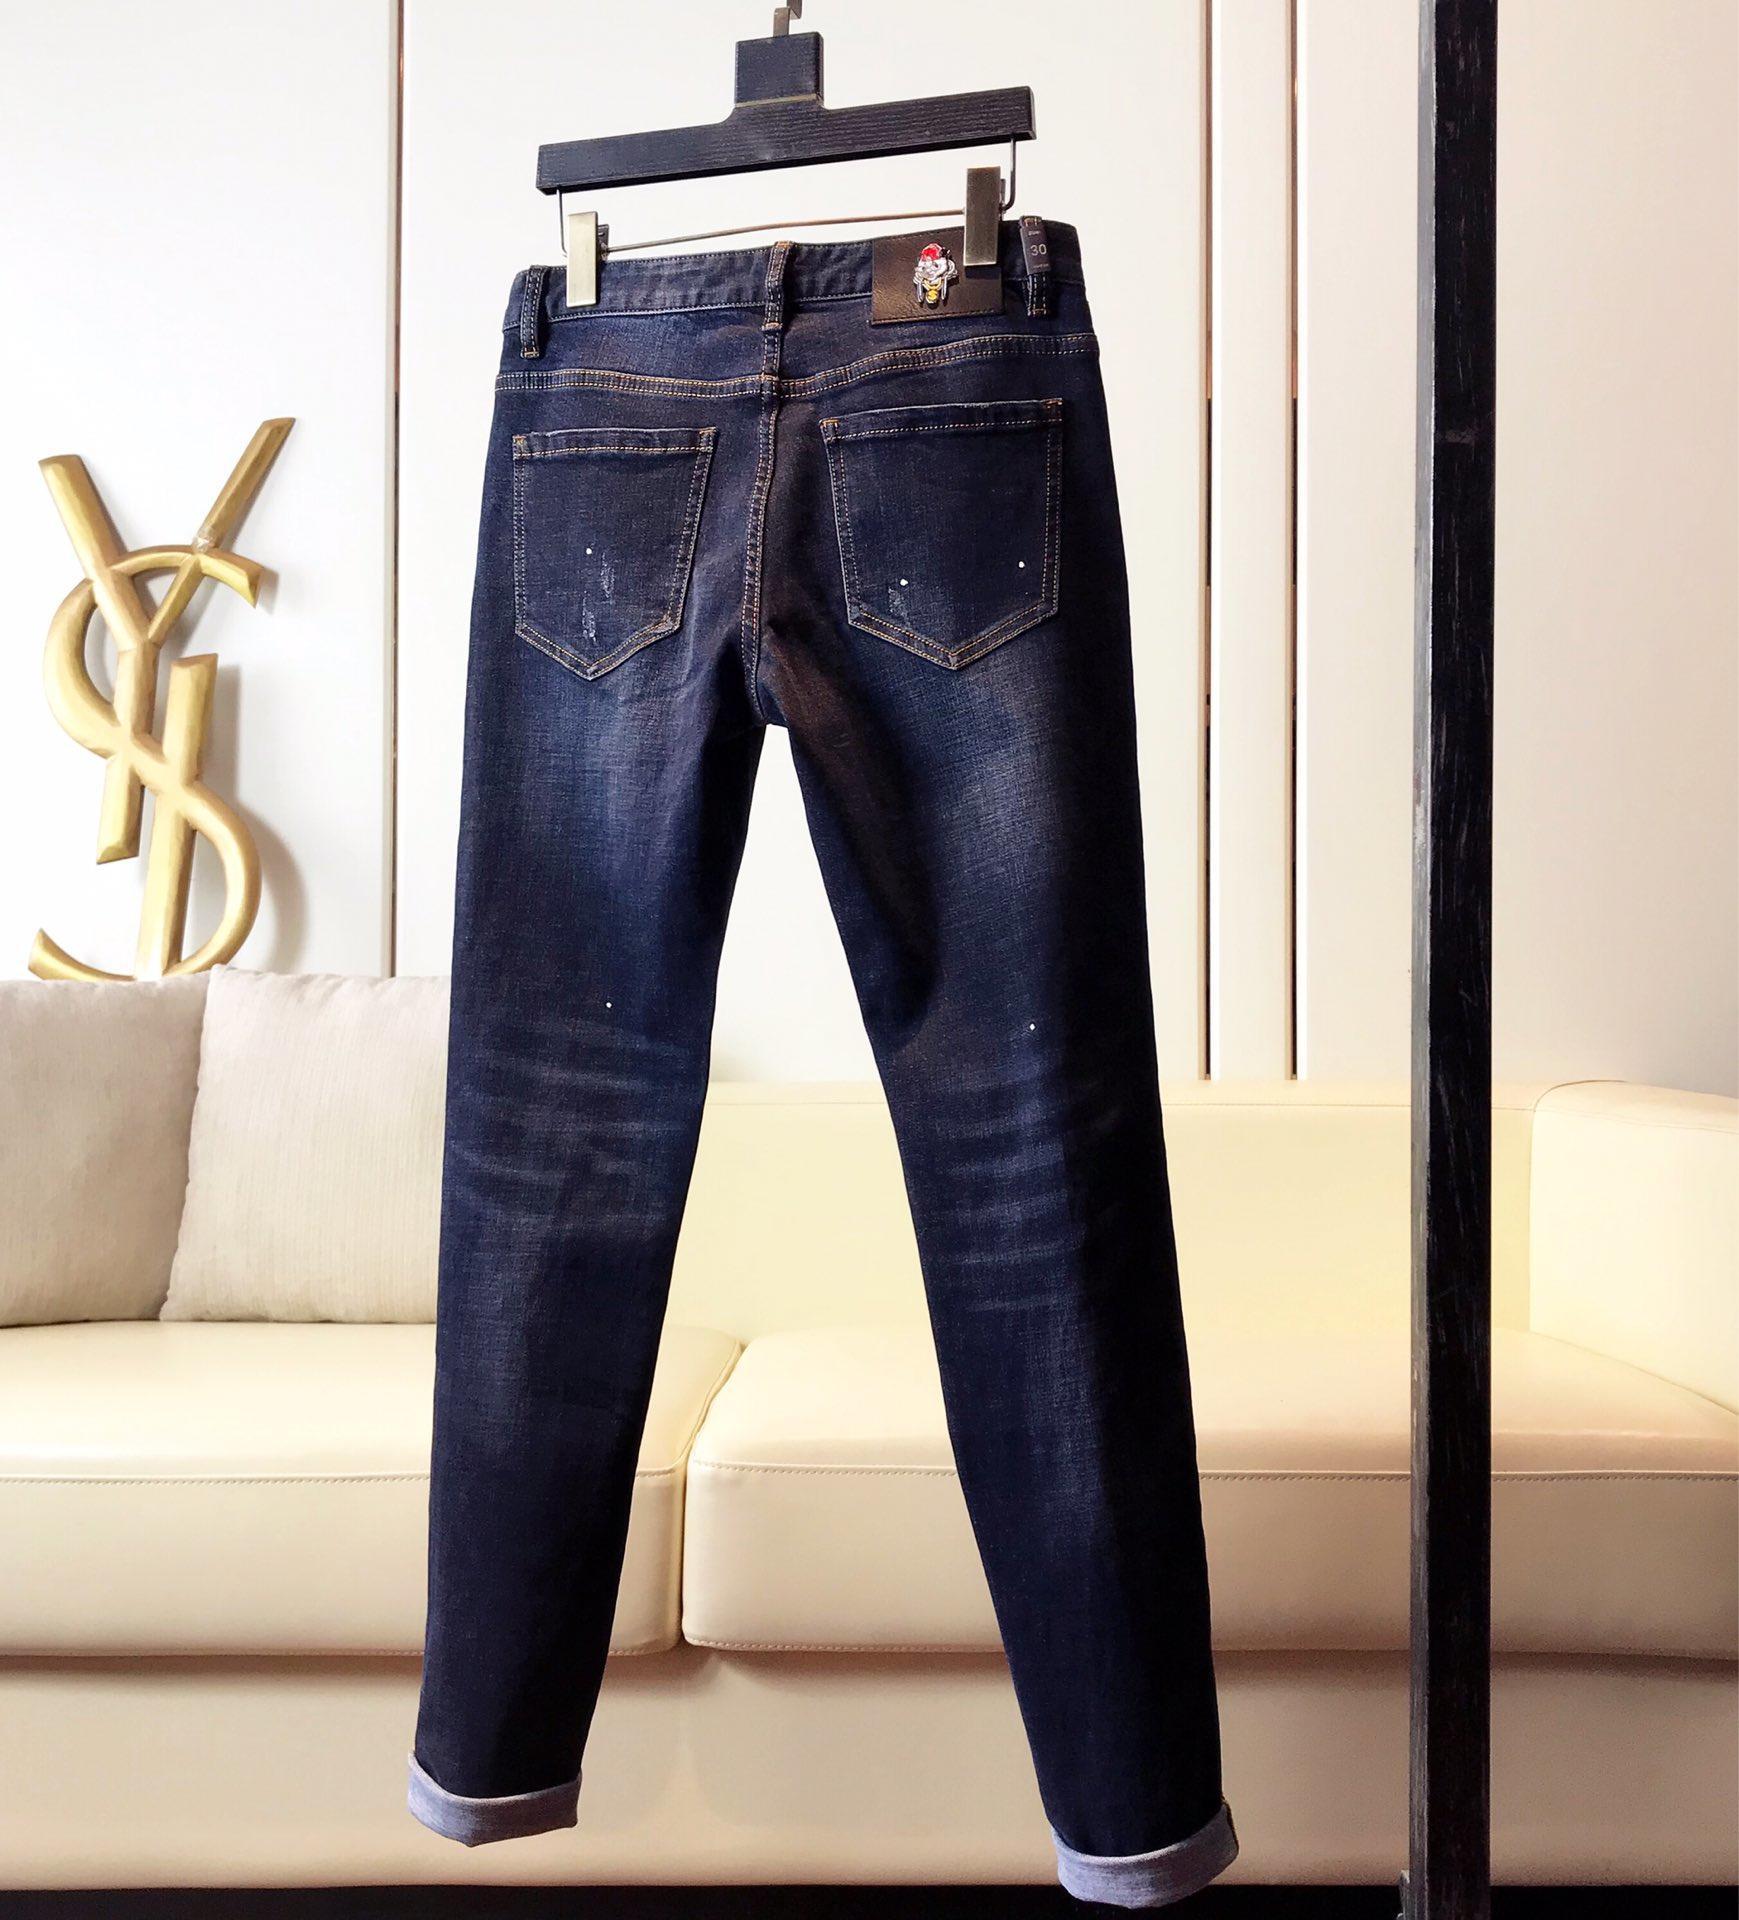 高端牛仔裤DG杜嘉班纳顶级进口原版牛